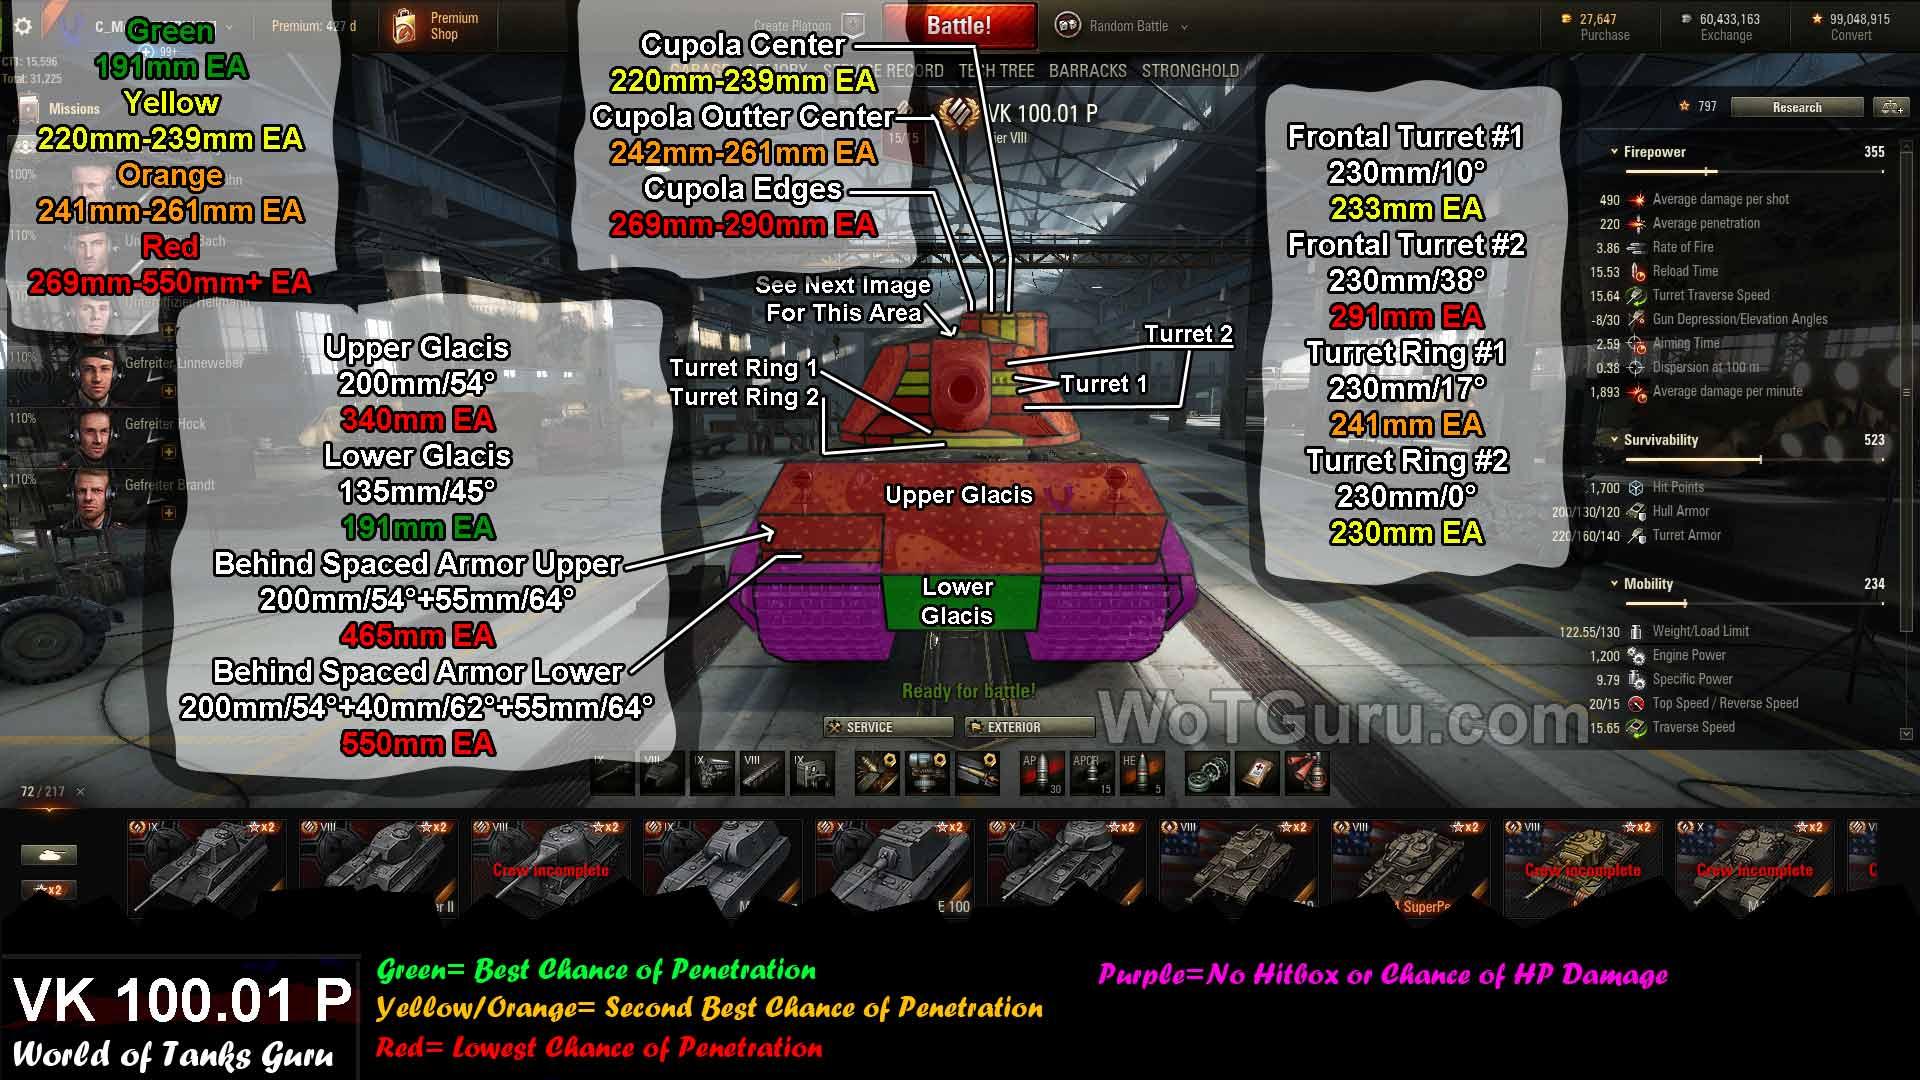 Weak Spot Guide: VK 100 01 P - WoT Guru